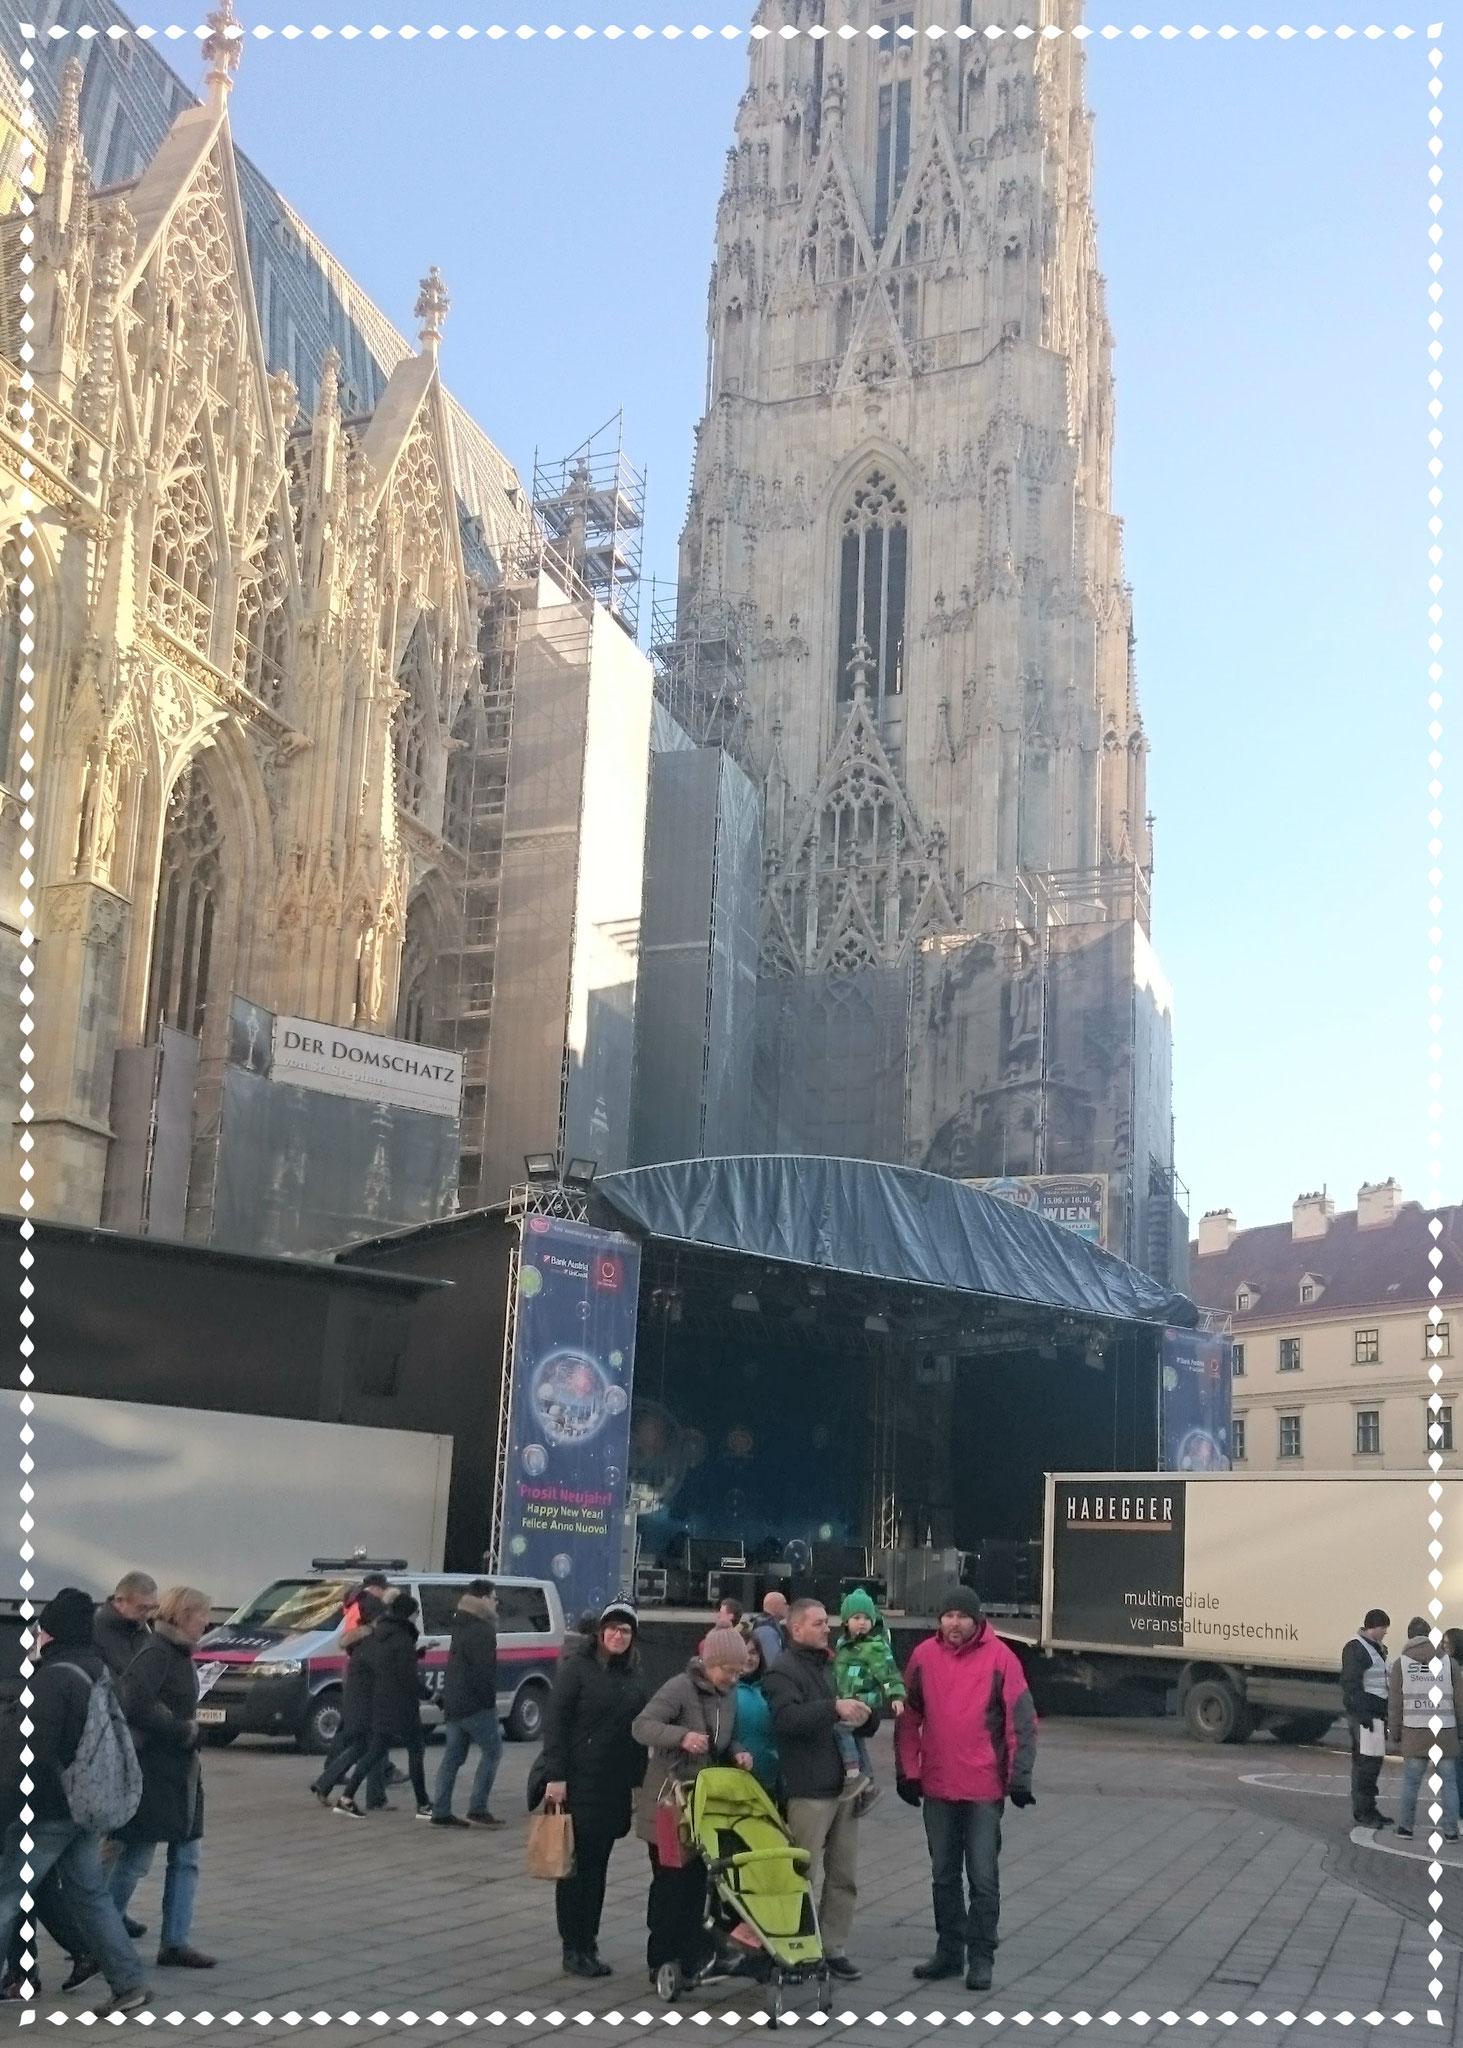 Am nächsten Tag, gefrorenes Sightseeing in Wien.